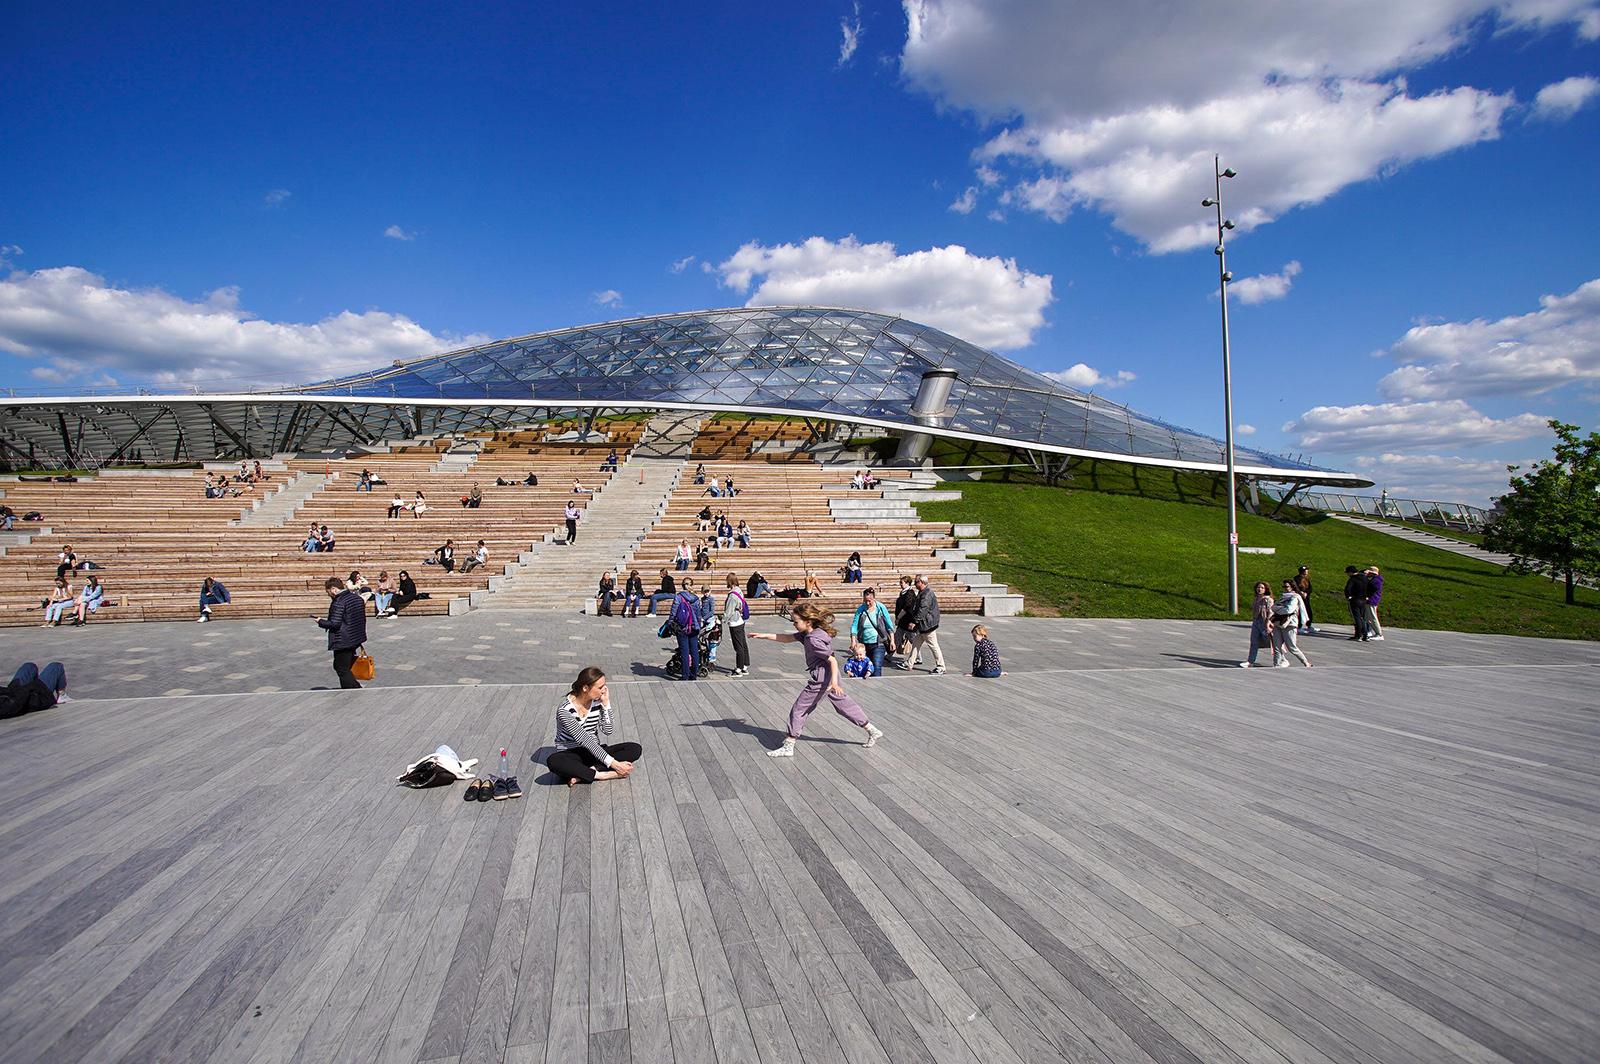 Москва вышла в финал конкурса на звание мировой столицы дизайна